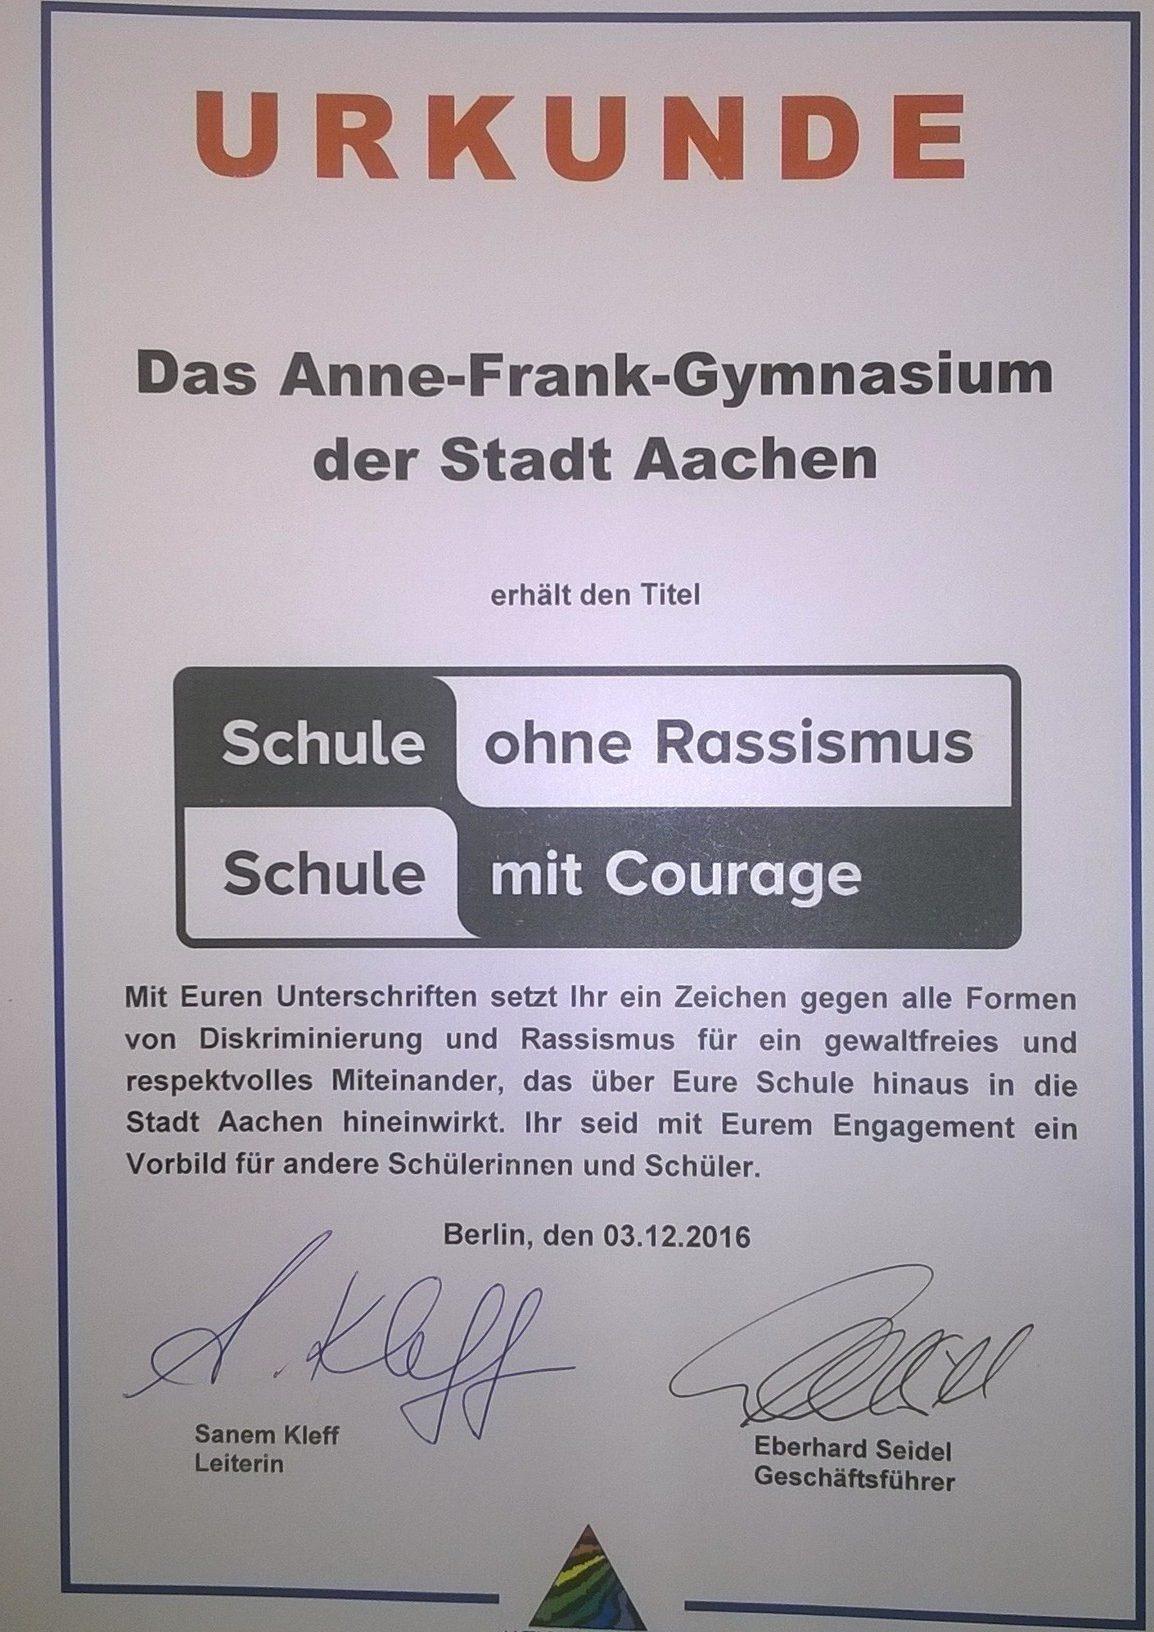 anne frank gymnasium berlin